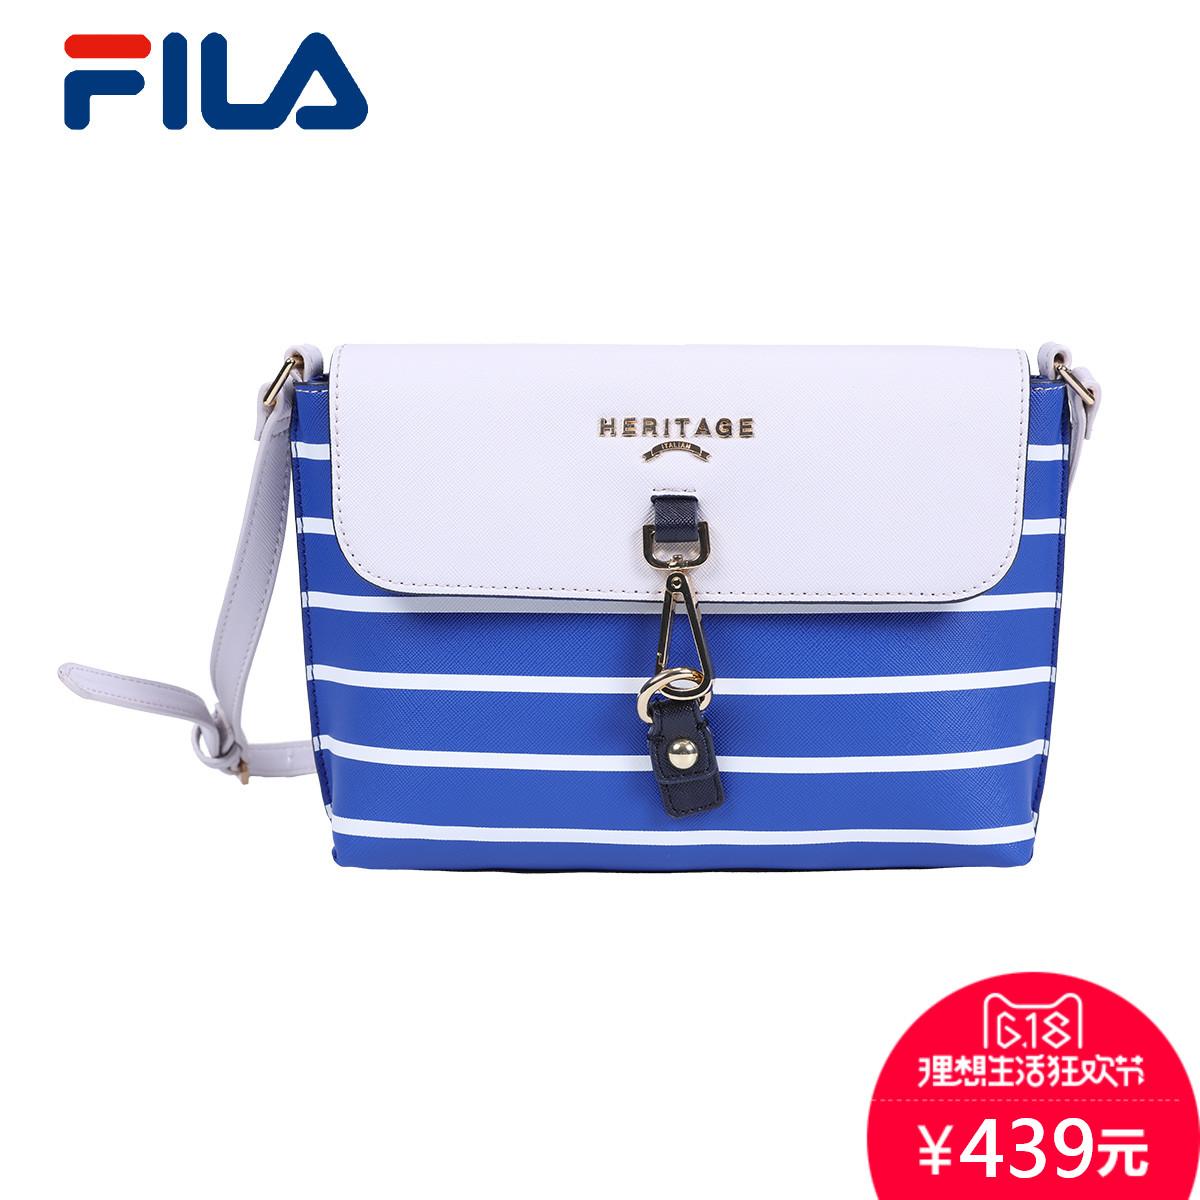 FILA фиджи музыка сумки 2017 новый летний мода сумка сумочку случайный пакет женщина 29721121